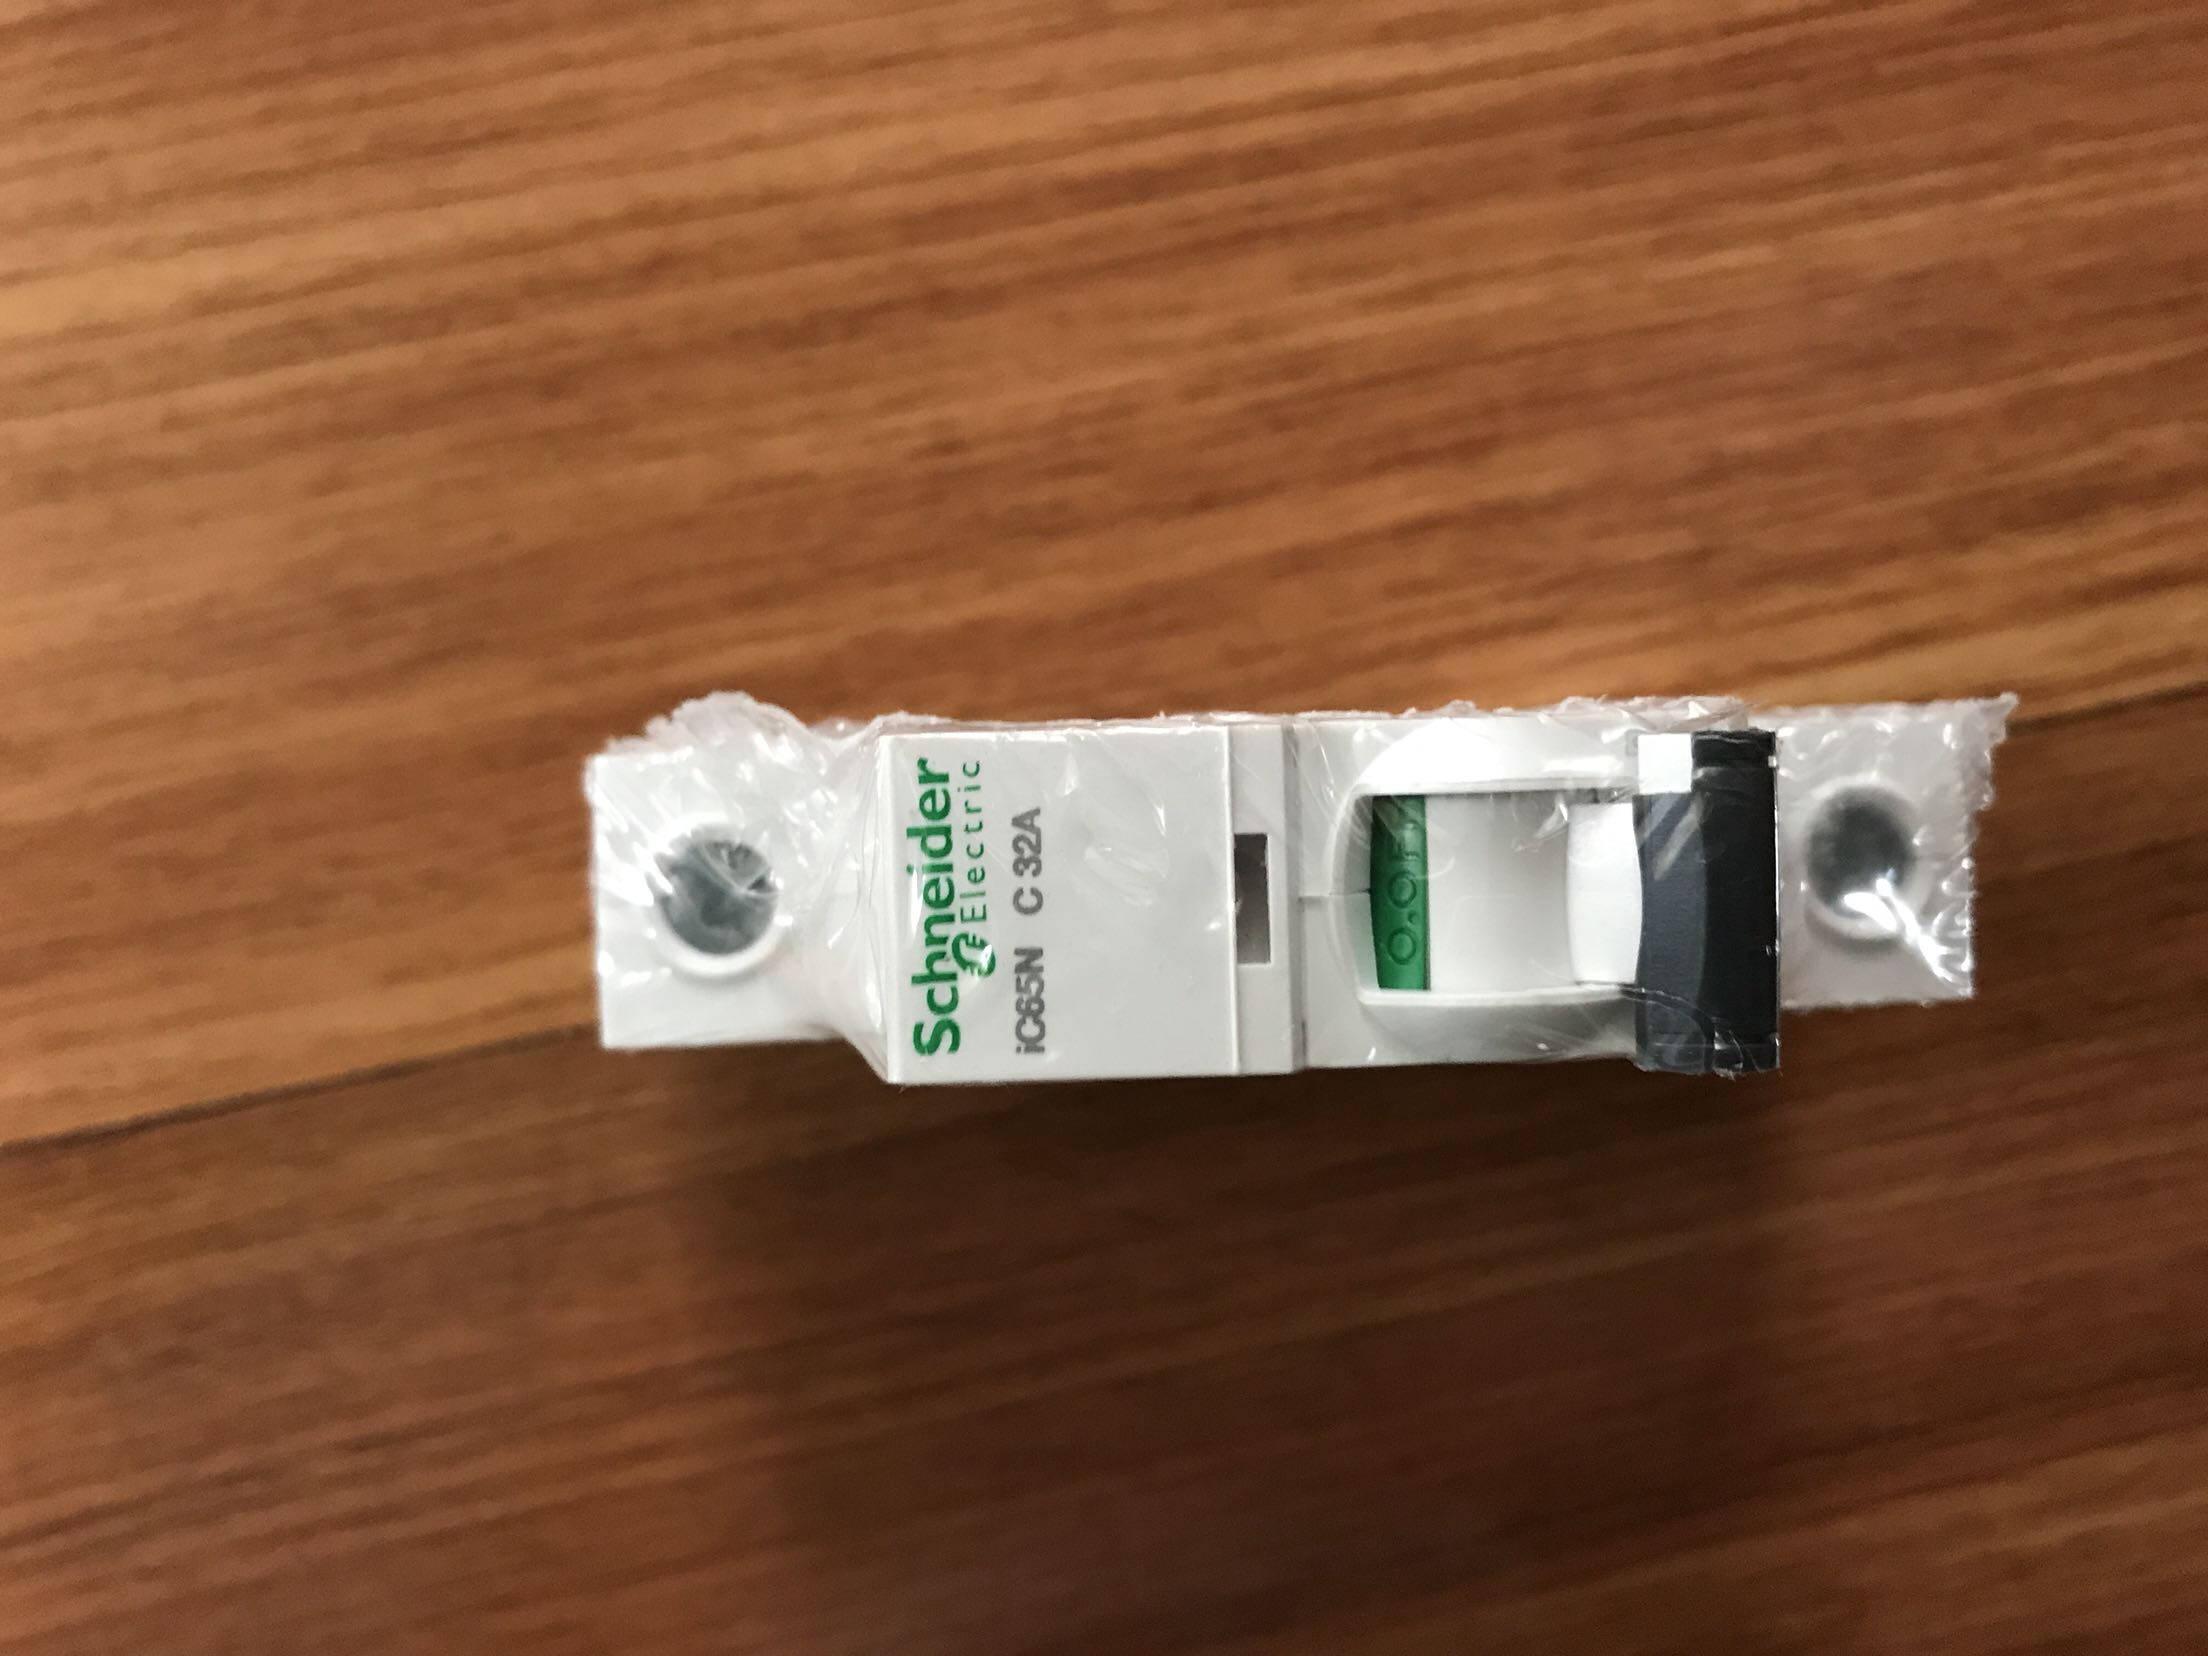 施耐德电气单进单出标准型空气开关Acti9系列1PC20A家用微型断路器A9F18120R